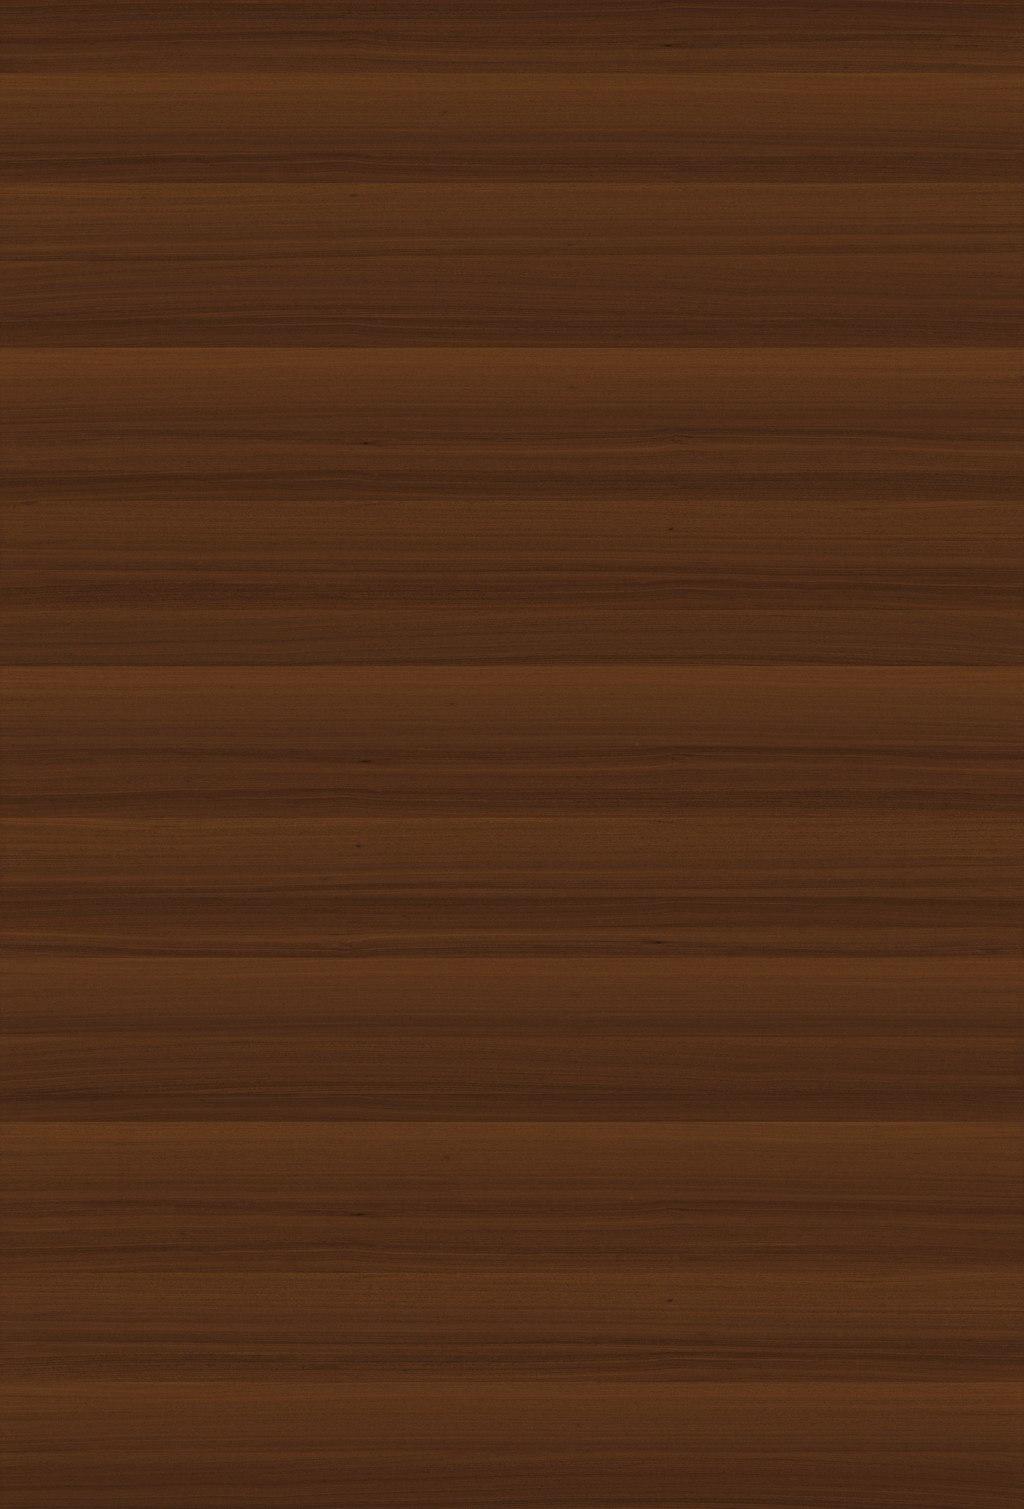 黑胡桃木高清贴图模板下载(图片编号:12338340)